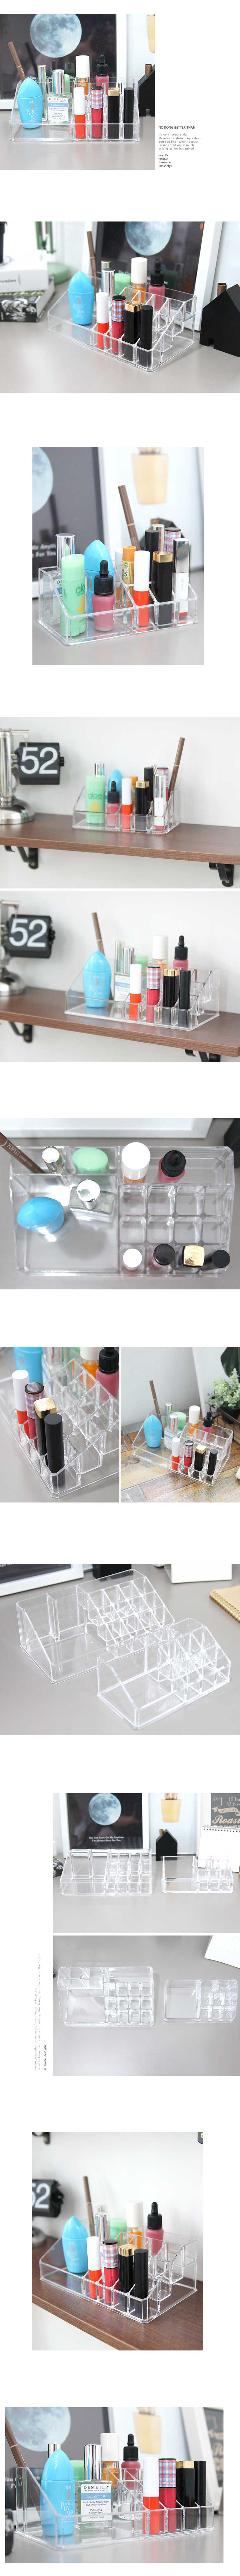 클리어 립스틱홀더(2size) lovesweety - 꾸미기 좋은날, 10,000원, 정리함, 화장품정리함